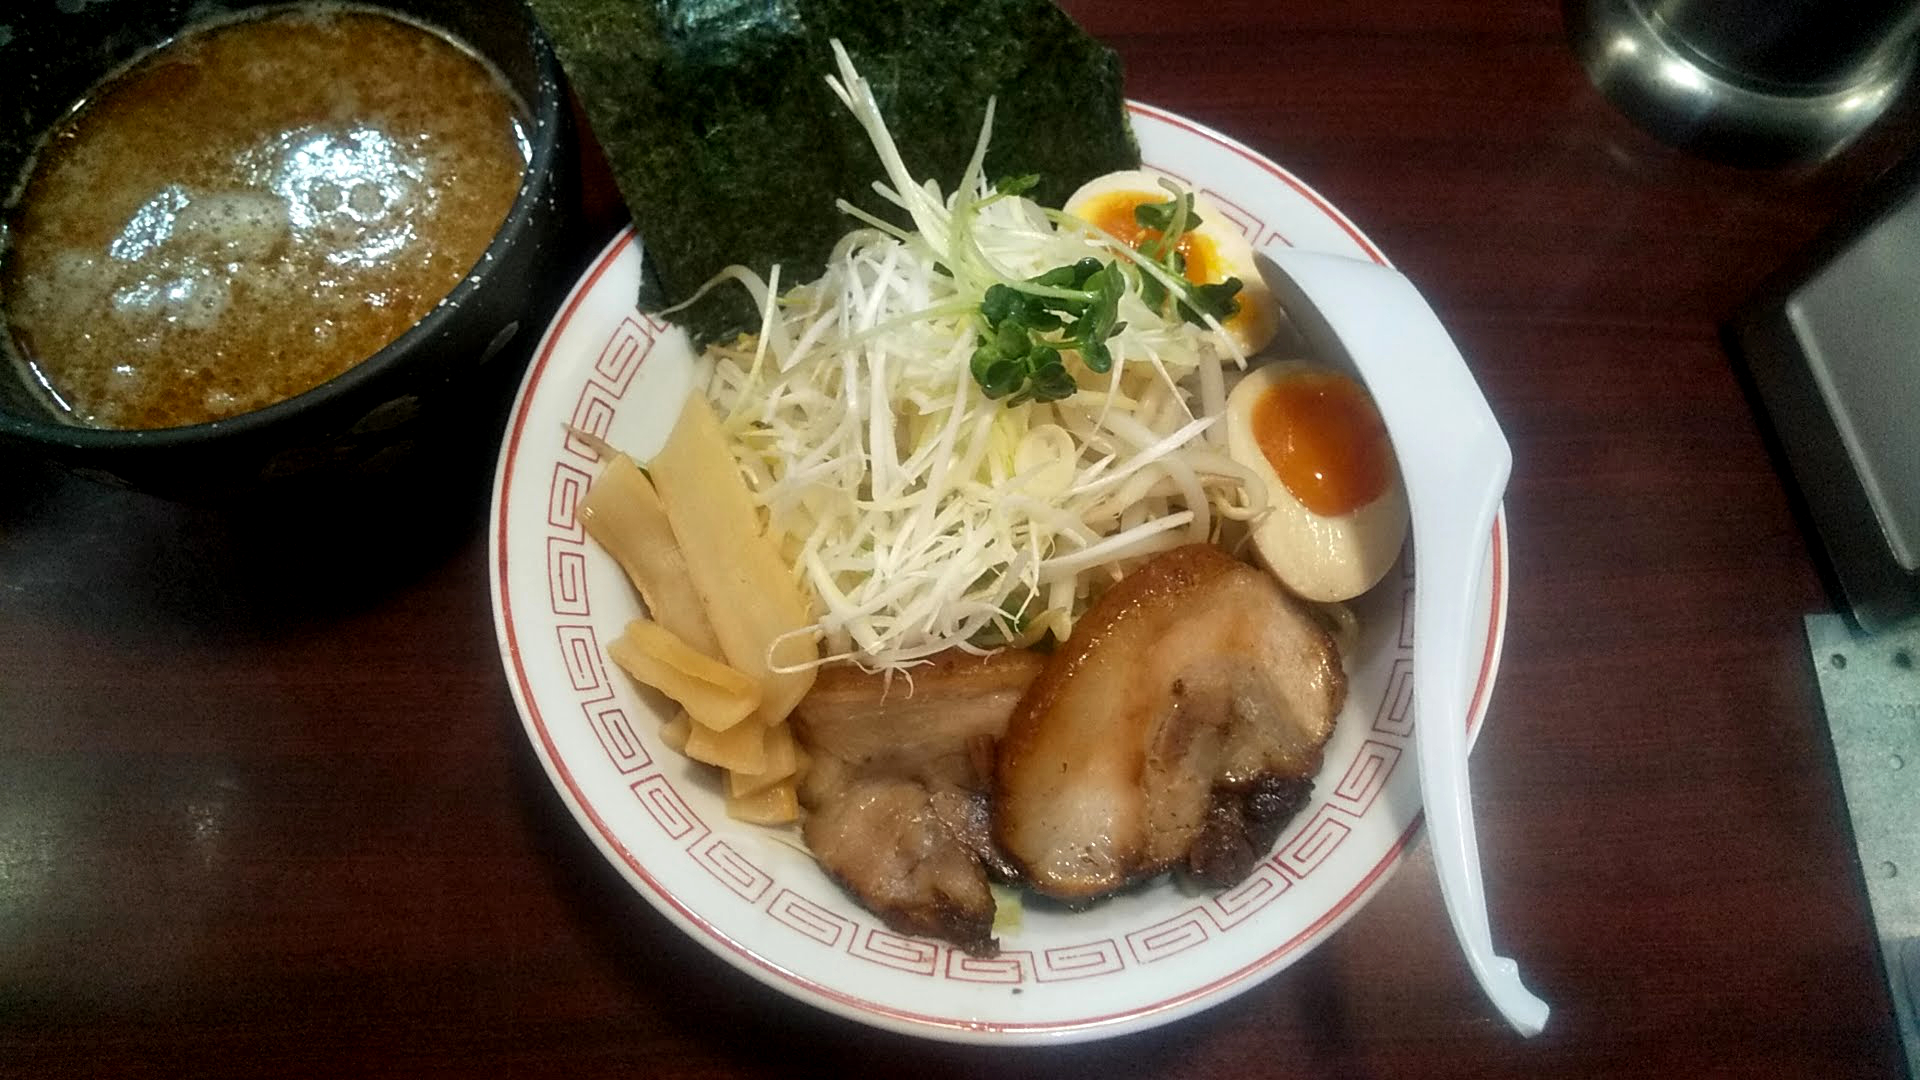 ぶぶかのつけ麺スペシャルの麺皿の写真